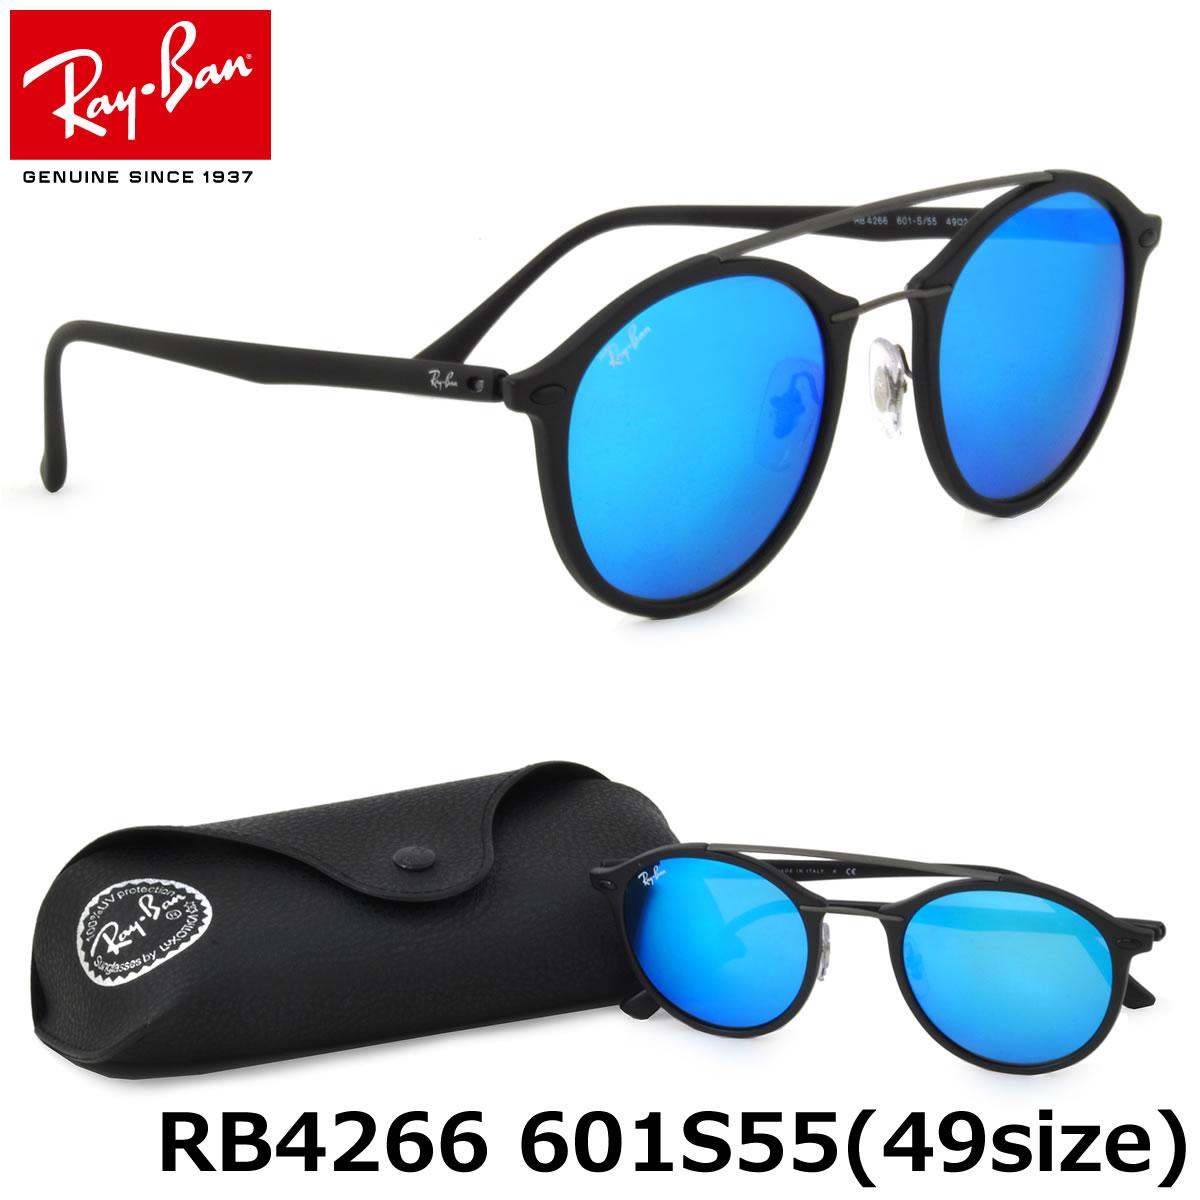 Ray Ban Rb 4266 601s55 tno3xU